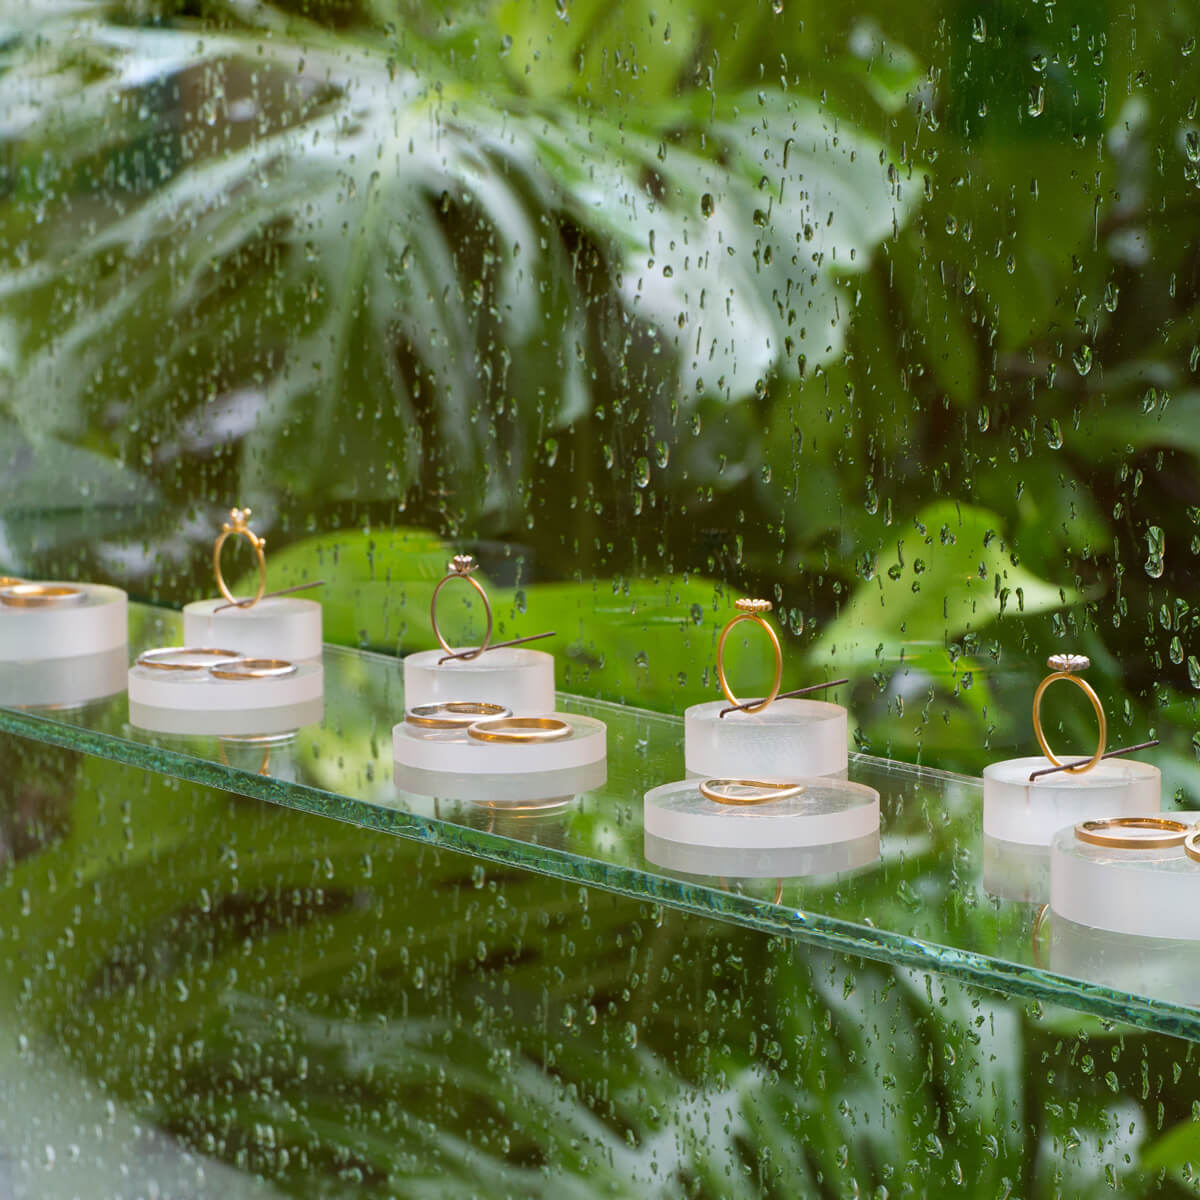 屋久島しずくギャラリー ジュエリーのディスプレイ 奥に屋久島の緑 屋久島でつくる結婚指輪 オーダーメイドマリッジリングの販売